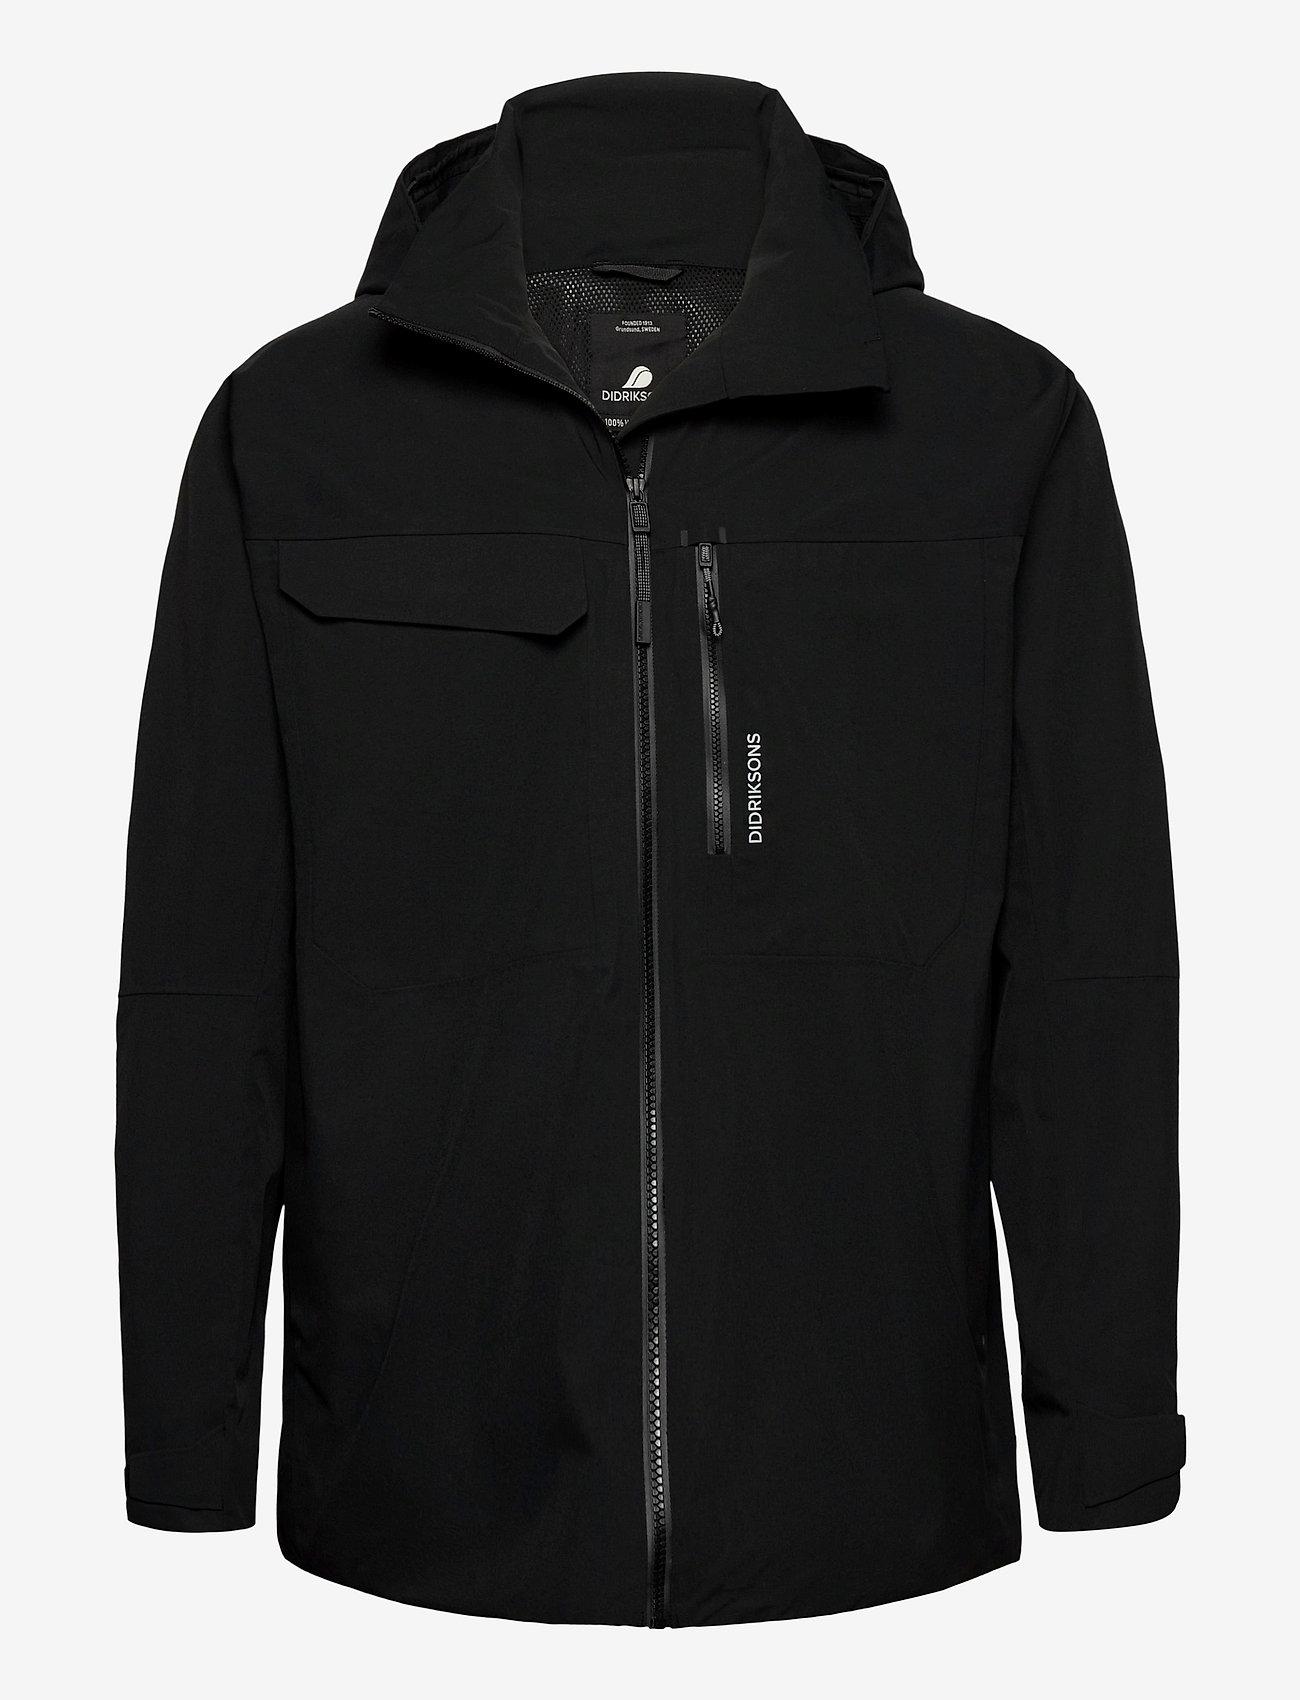 Didriksons - ASTON USX JKT - manteaux de pluie - black - 0